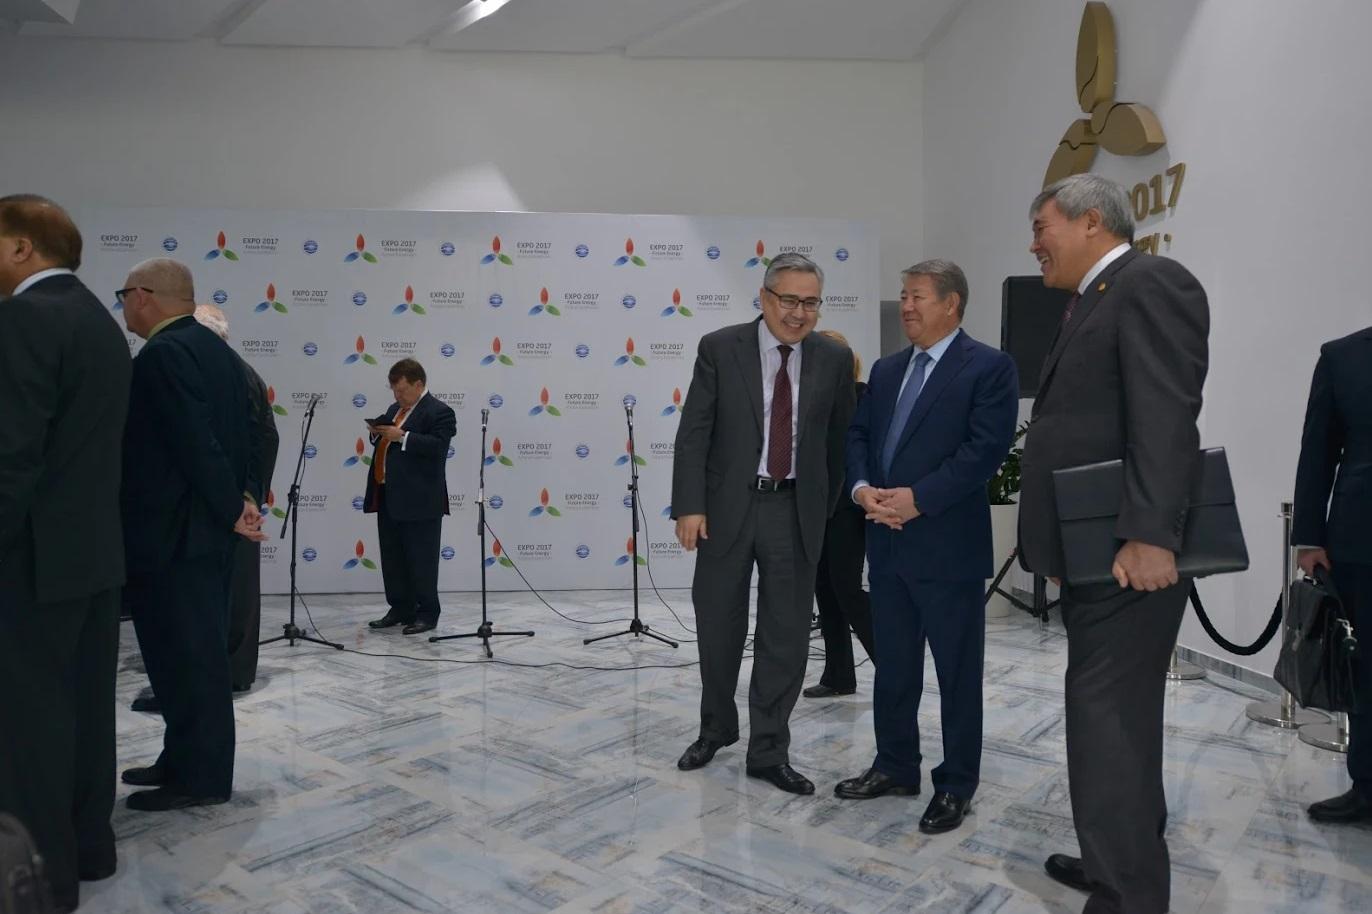 Участникам ЭКСПО необходимо сдать проекты экспозиций павильонов— Ахметжан Есимов